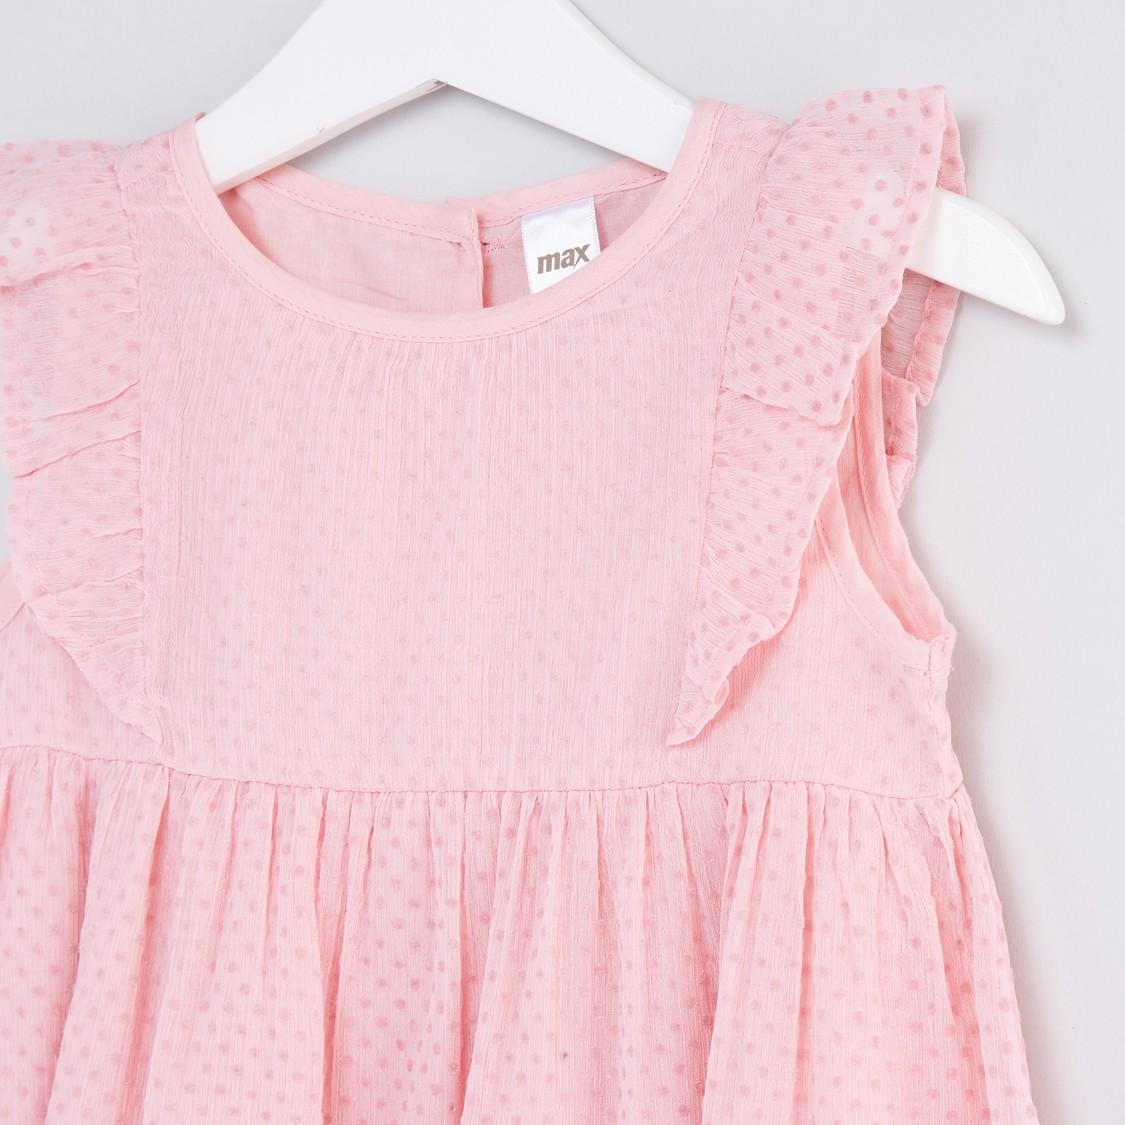 فستان بياقة مستديرة وتفاصيل كشكش وطبعات